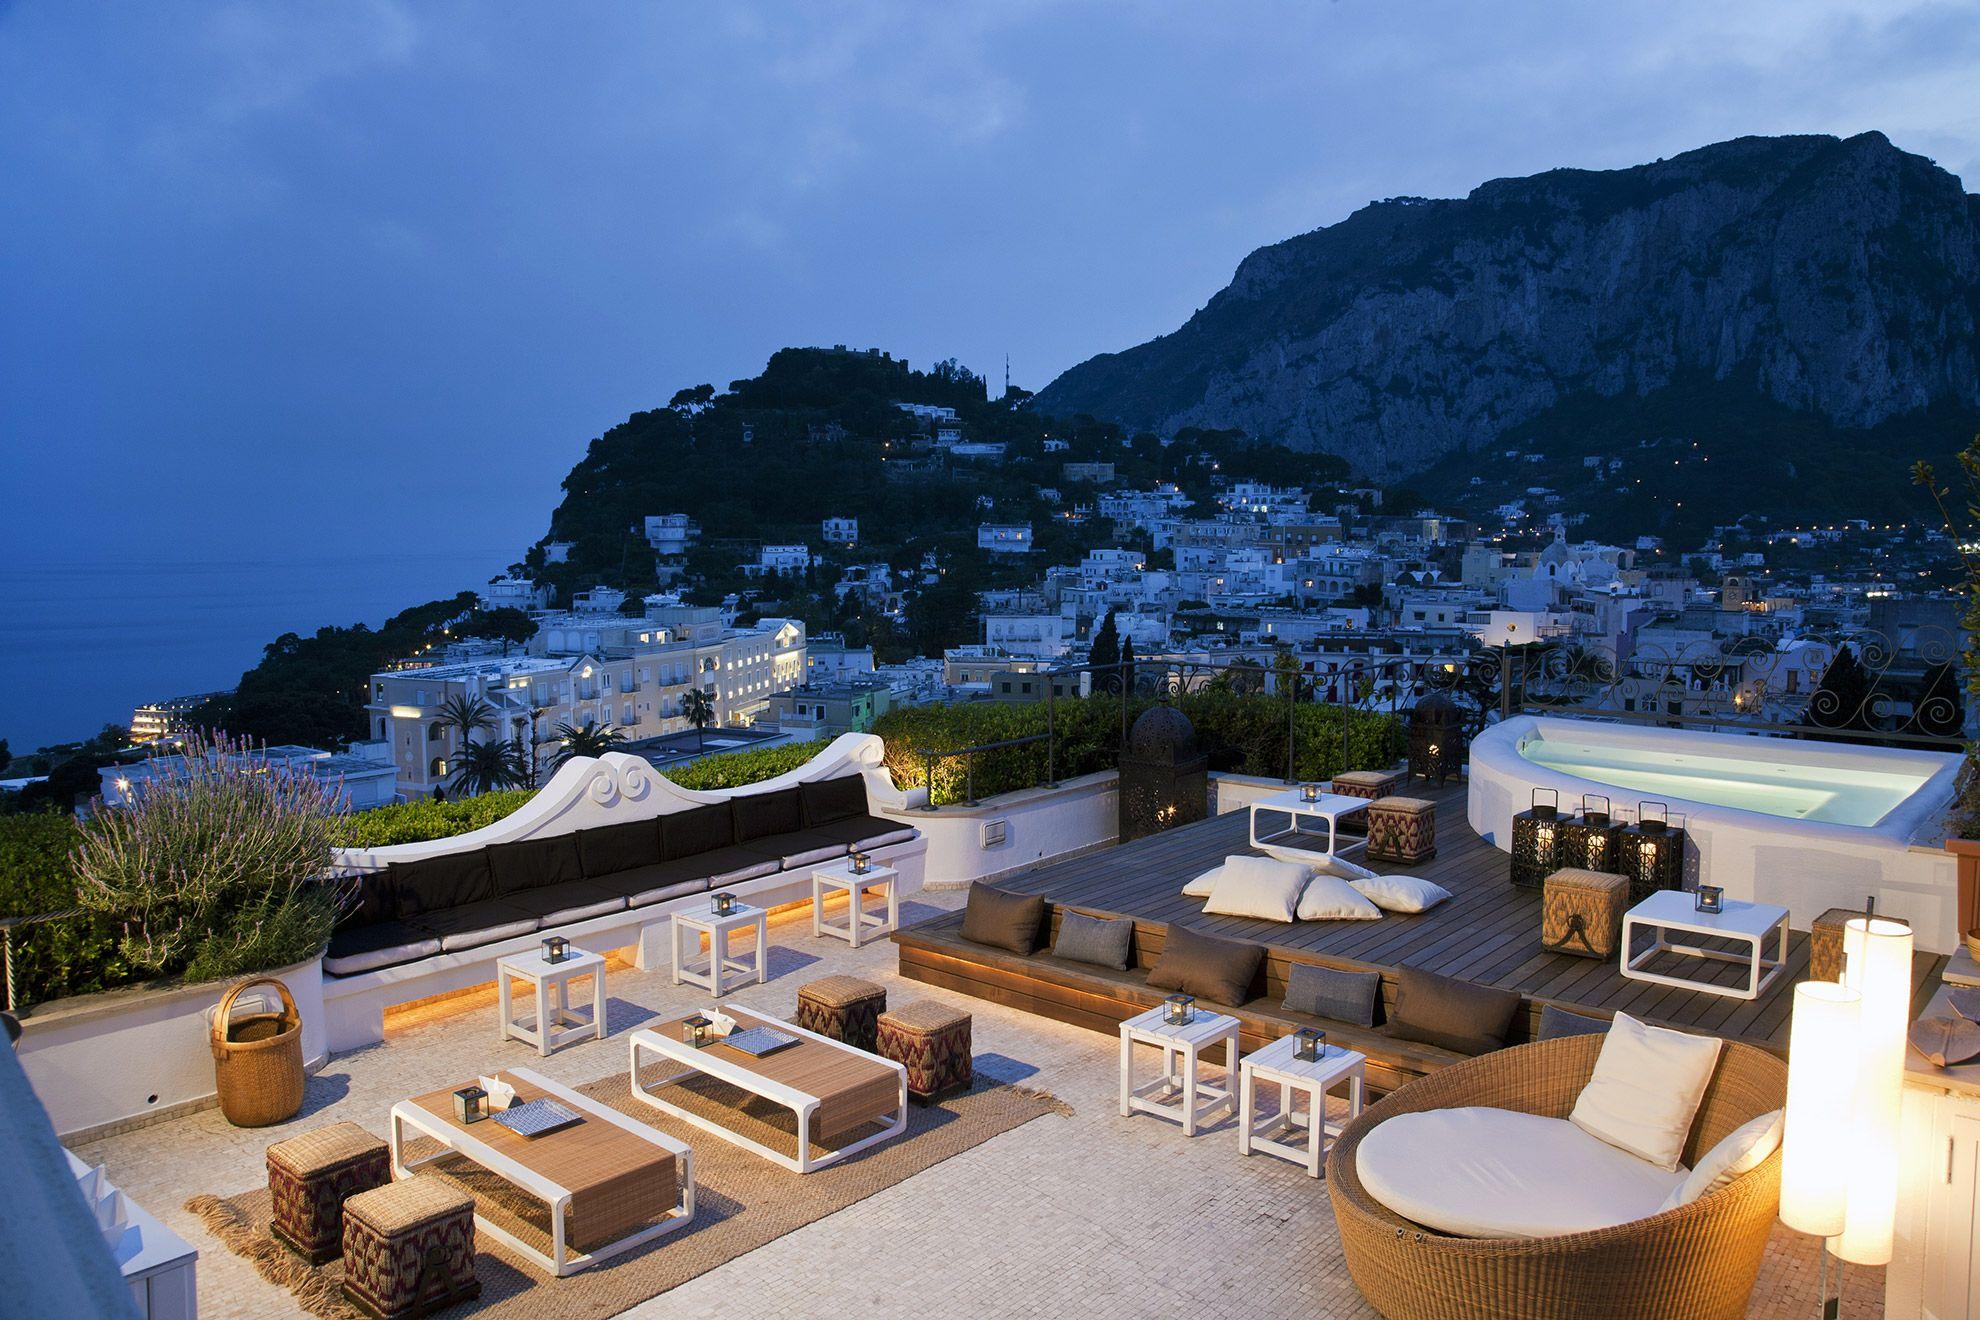 Capri Tiberio Palace Outdoor restaurant, Patio, Pergola